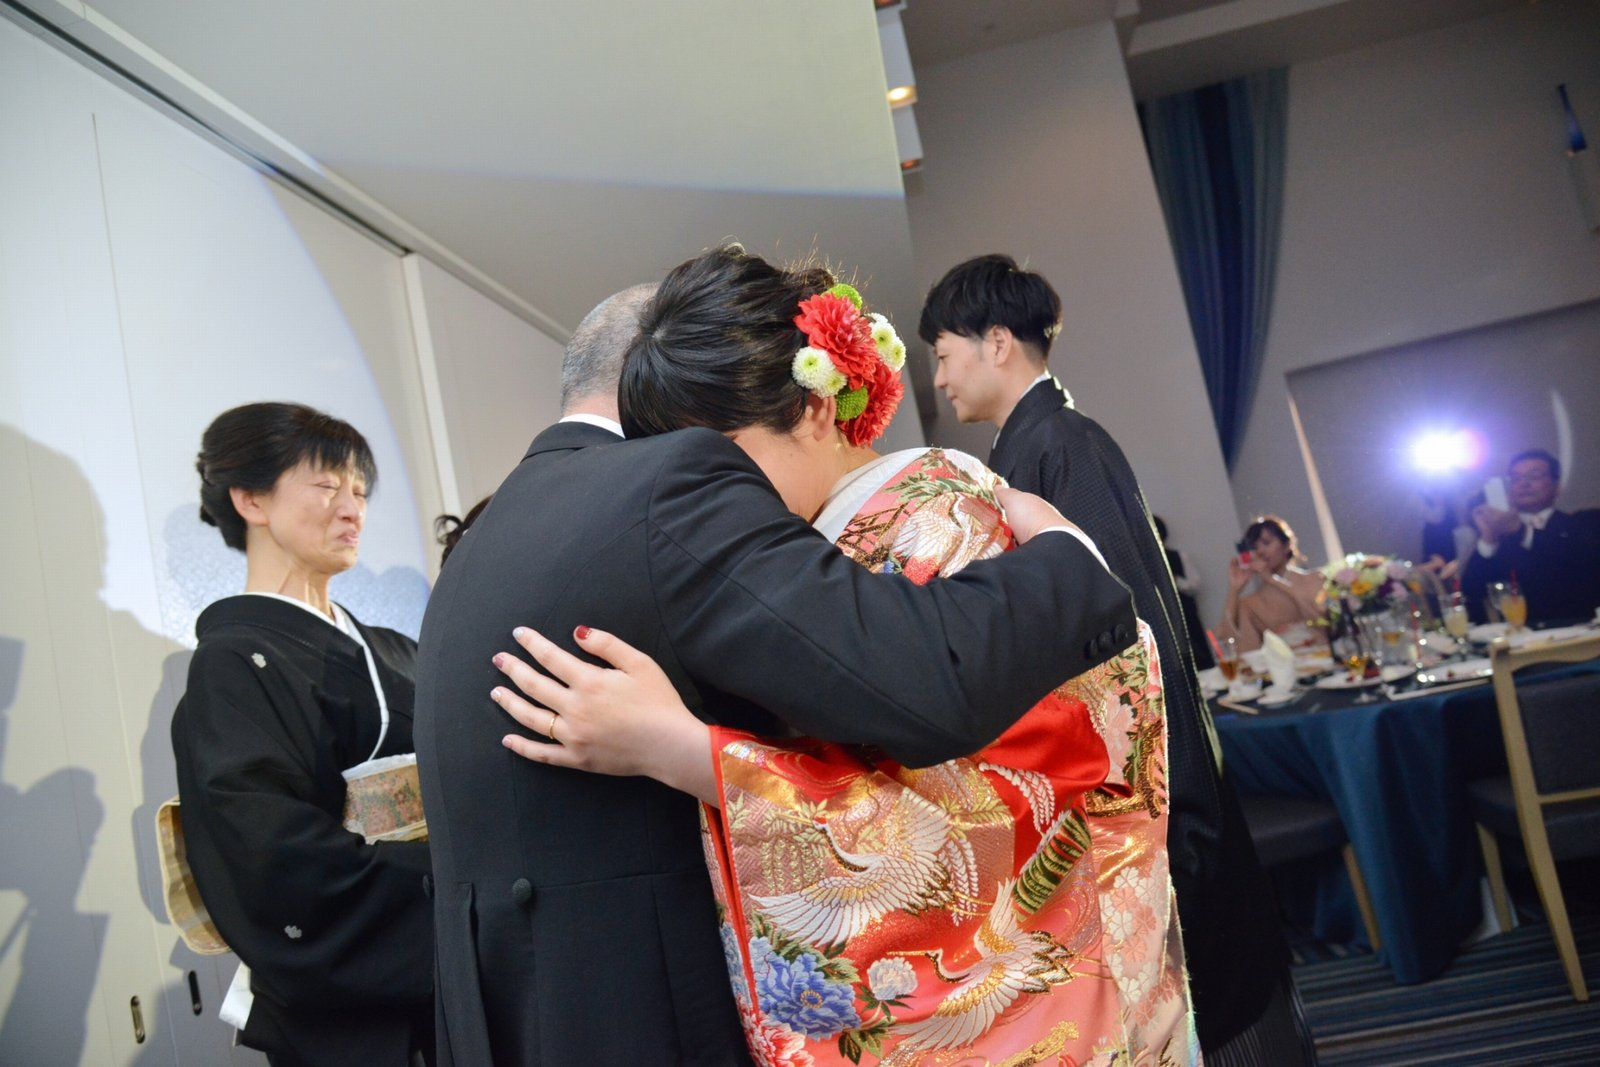 香川県の結婚式場シェルエメール&アイスタイル 記念品贈呈